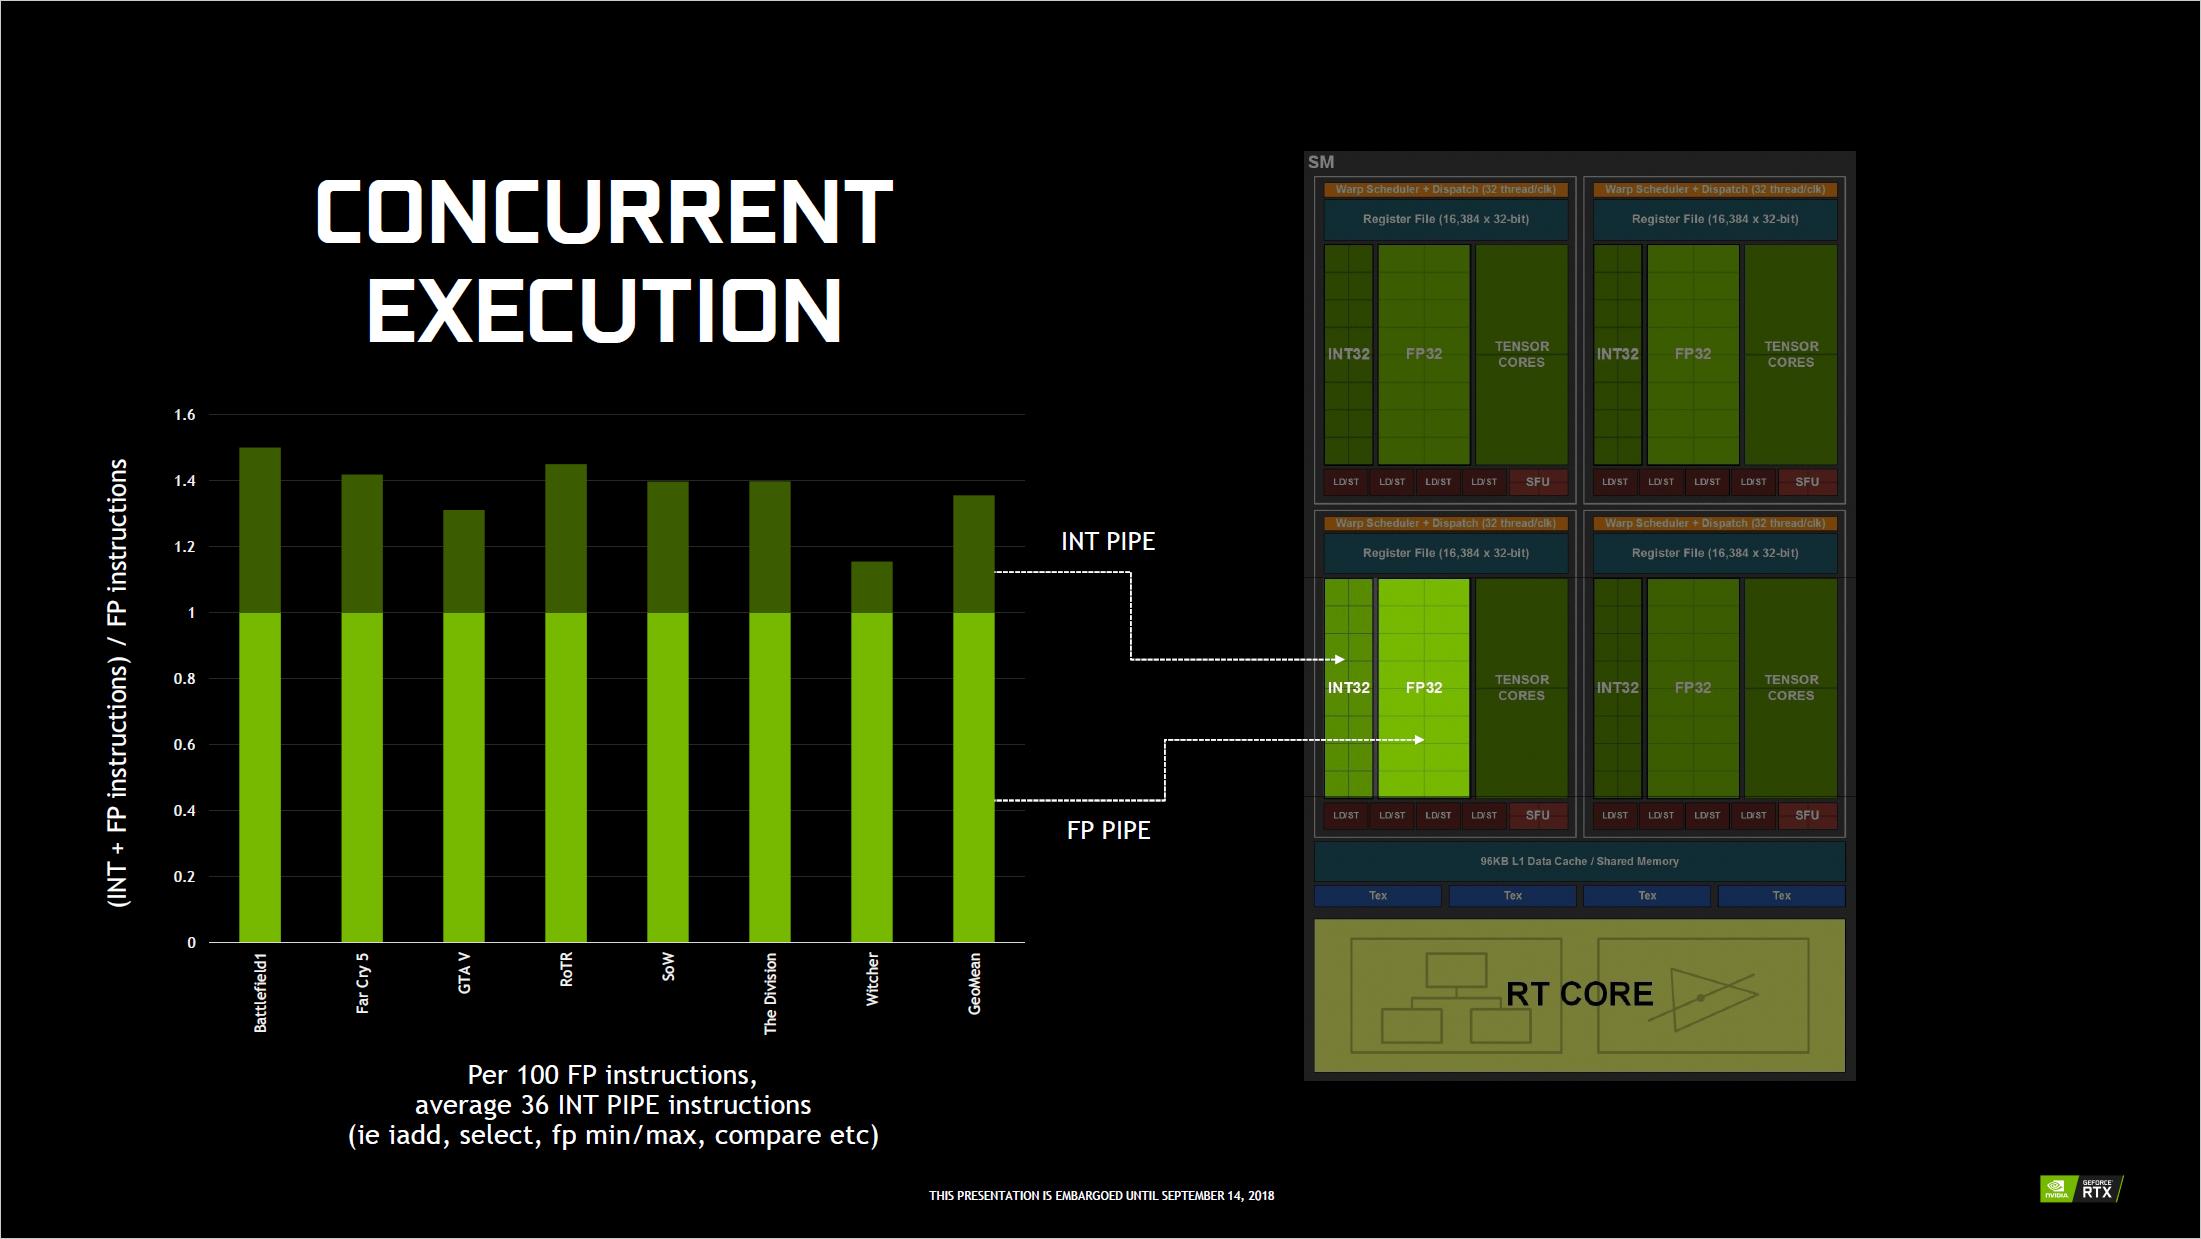 Grafikkarten: Das kann Nvidias Turing-Architektur - Dedizierte INT32-Einheiten sollen die Leistung verbessern. (Bild: Nvidia)